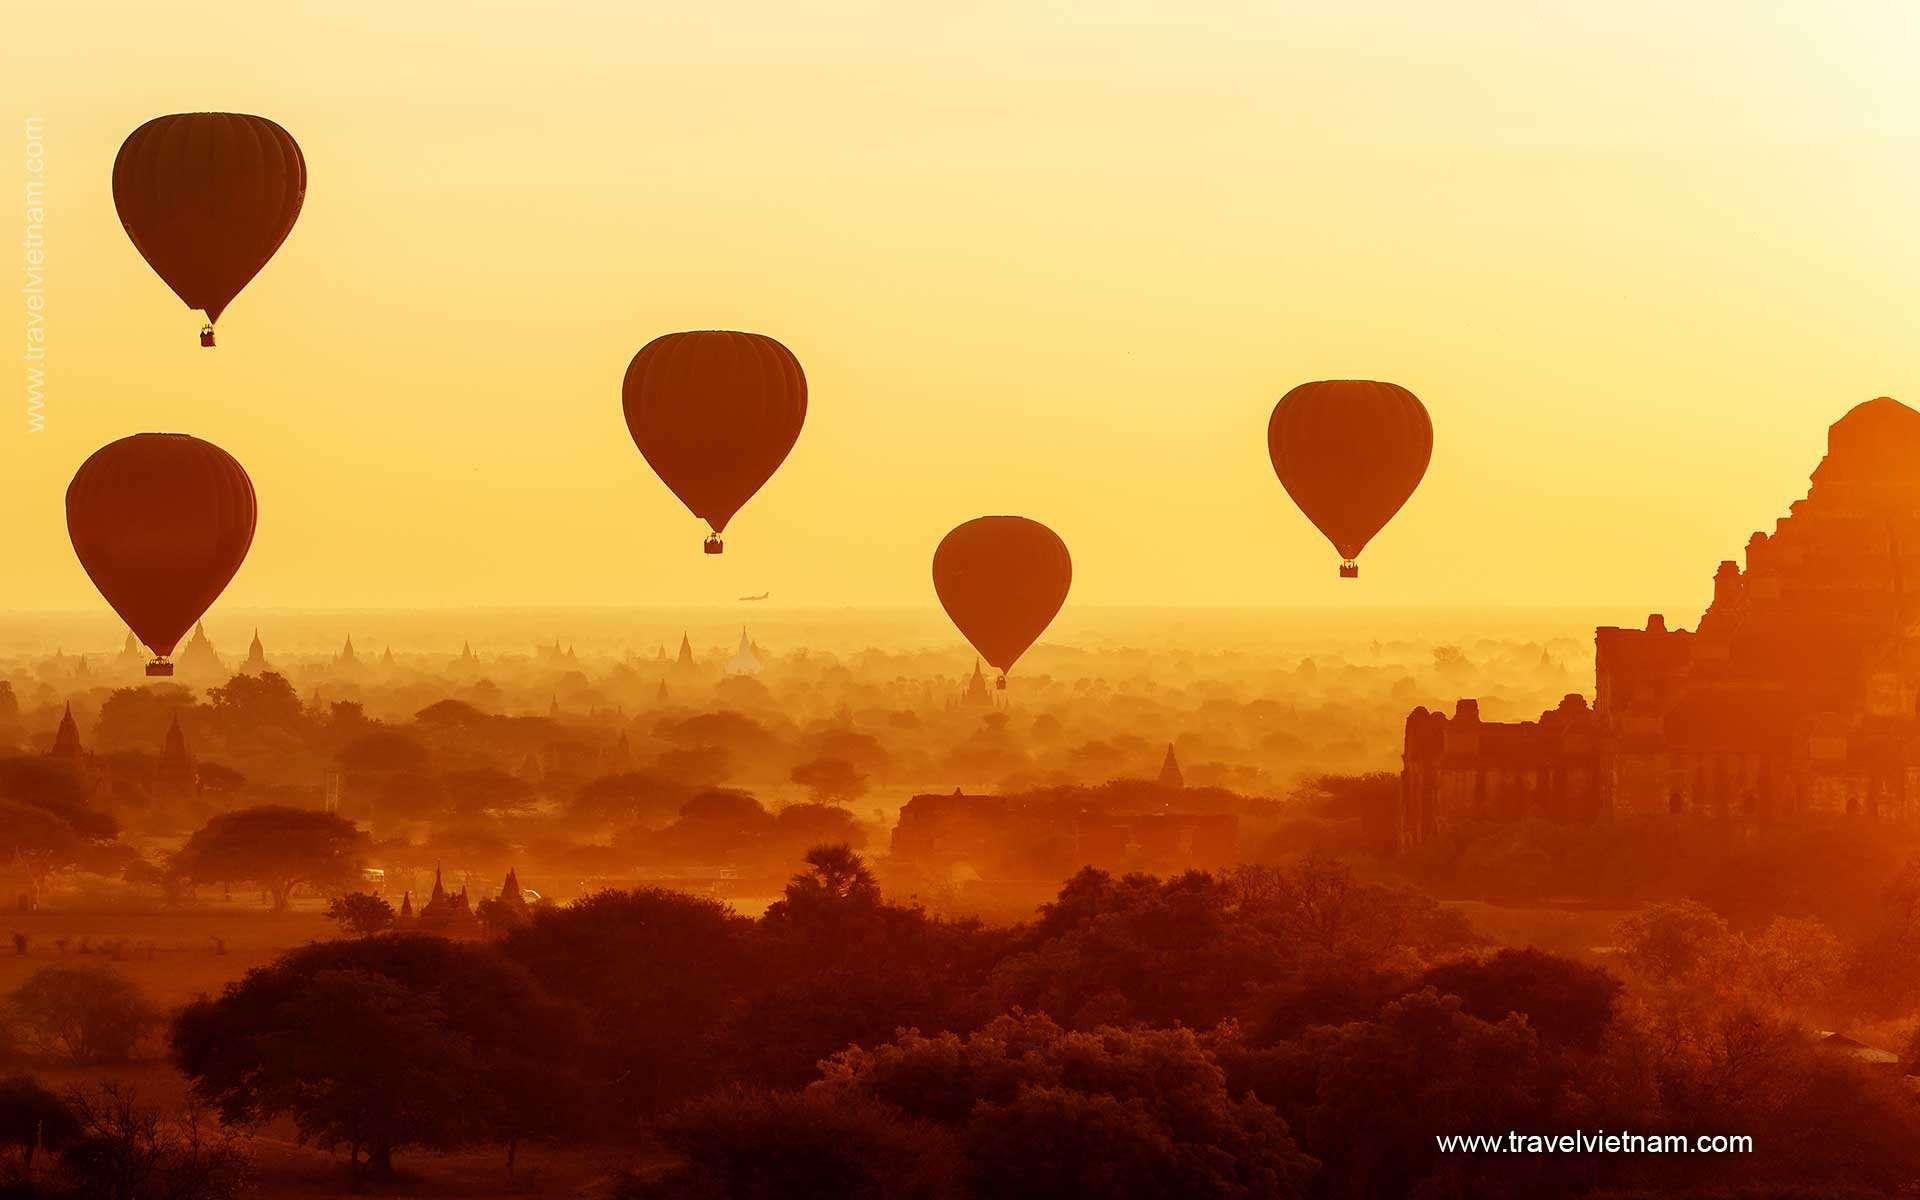 From Angkor Wat to Bagan - 12 Days